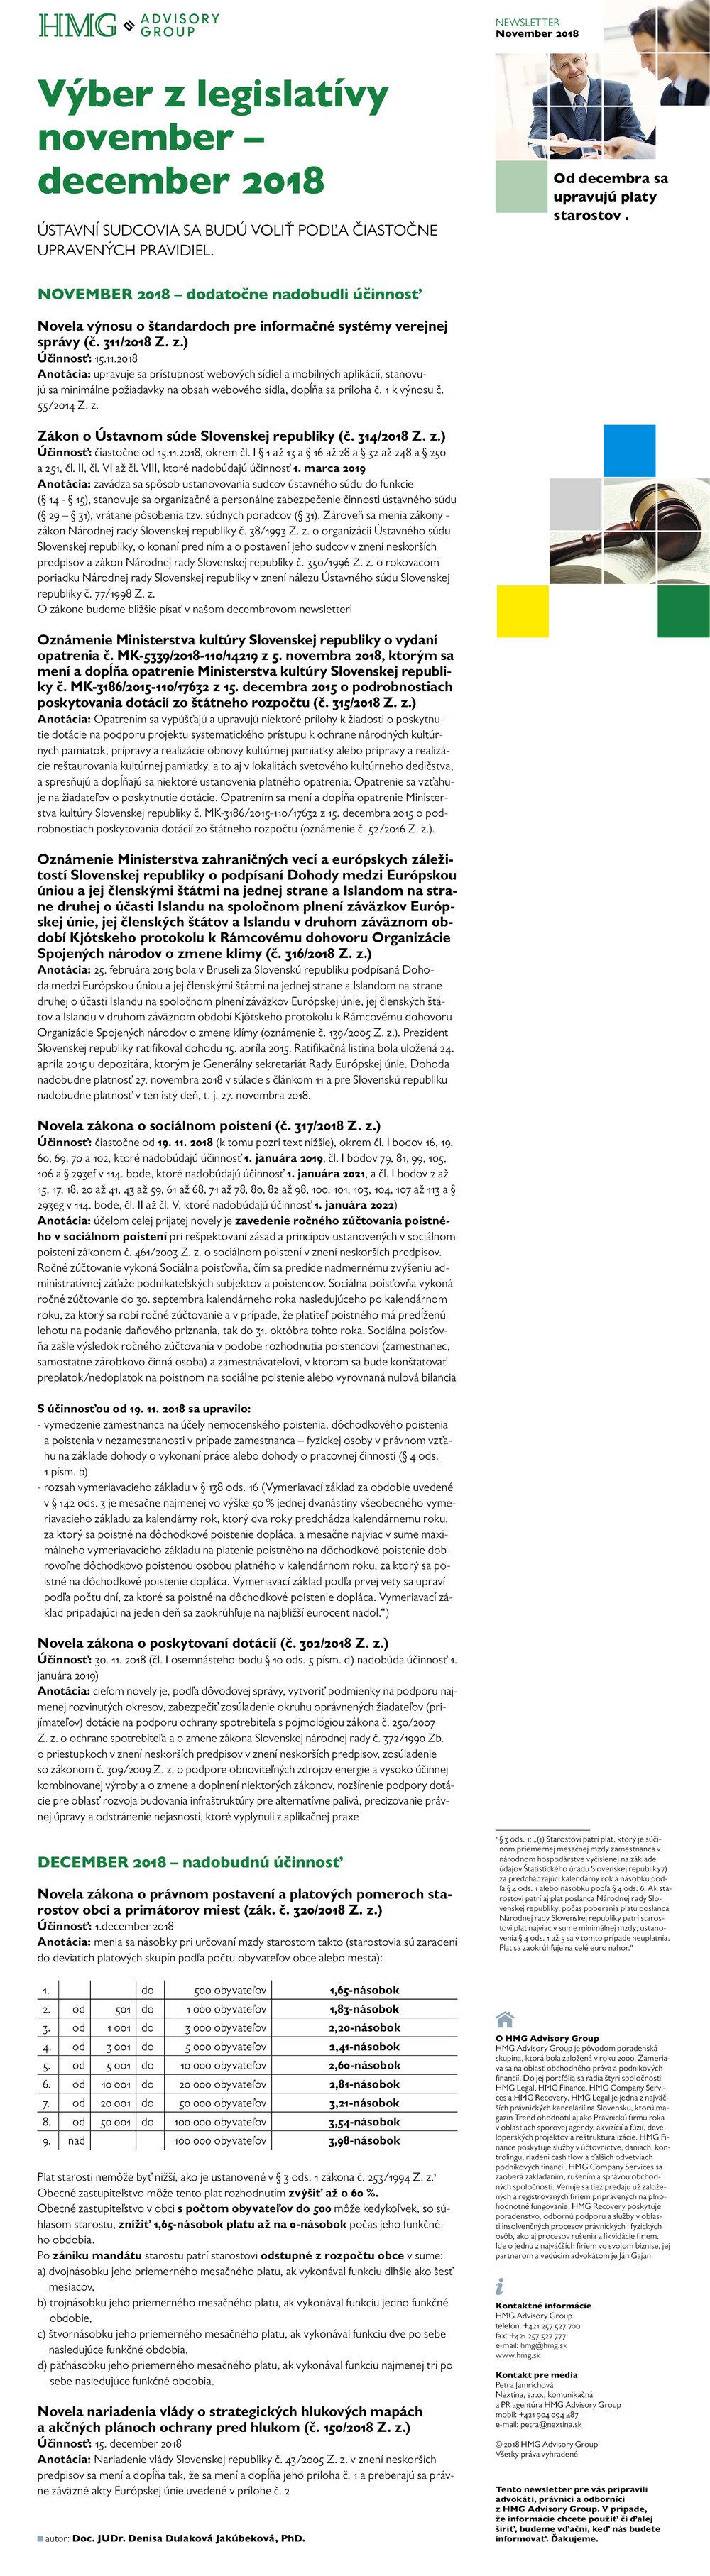 HMG_newsletter_legislatva_november.jpg